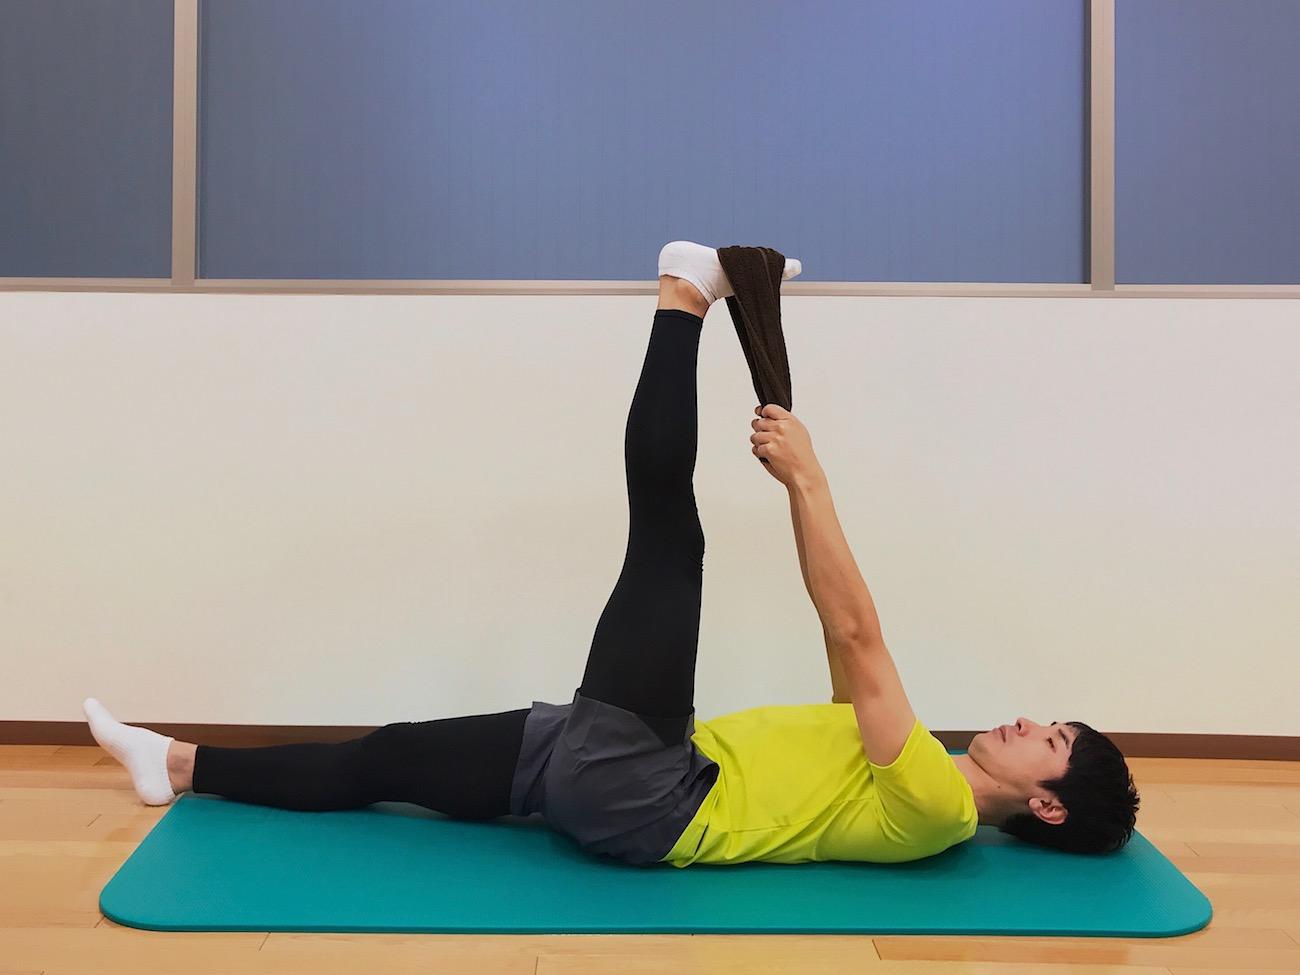 仰向けの姿勢でタオルを使って行うもも裏の筋肉(ハムストリングス)のストレッチ